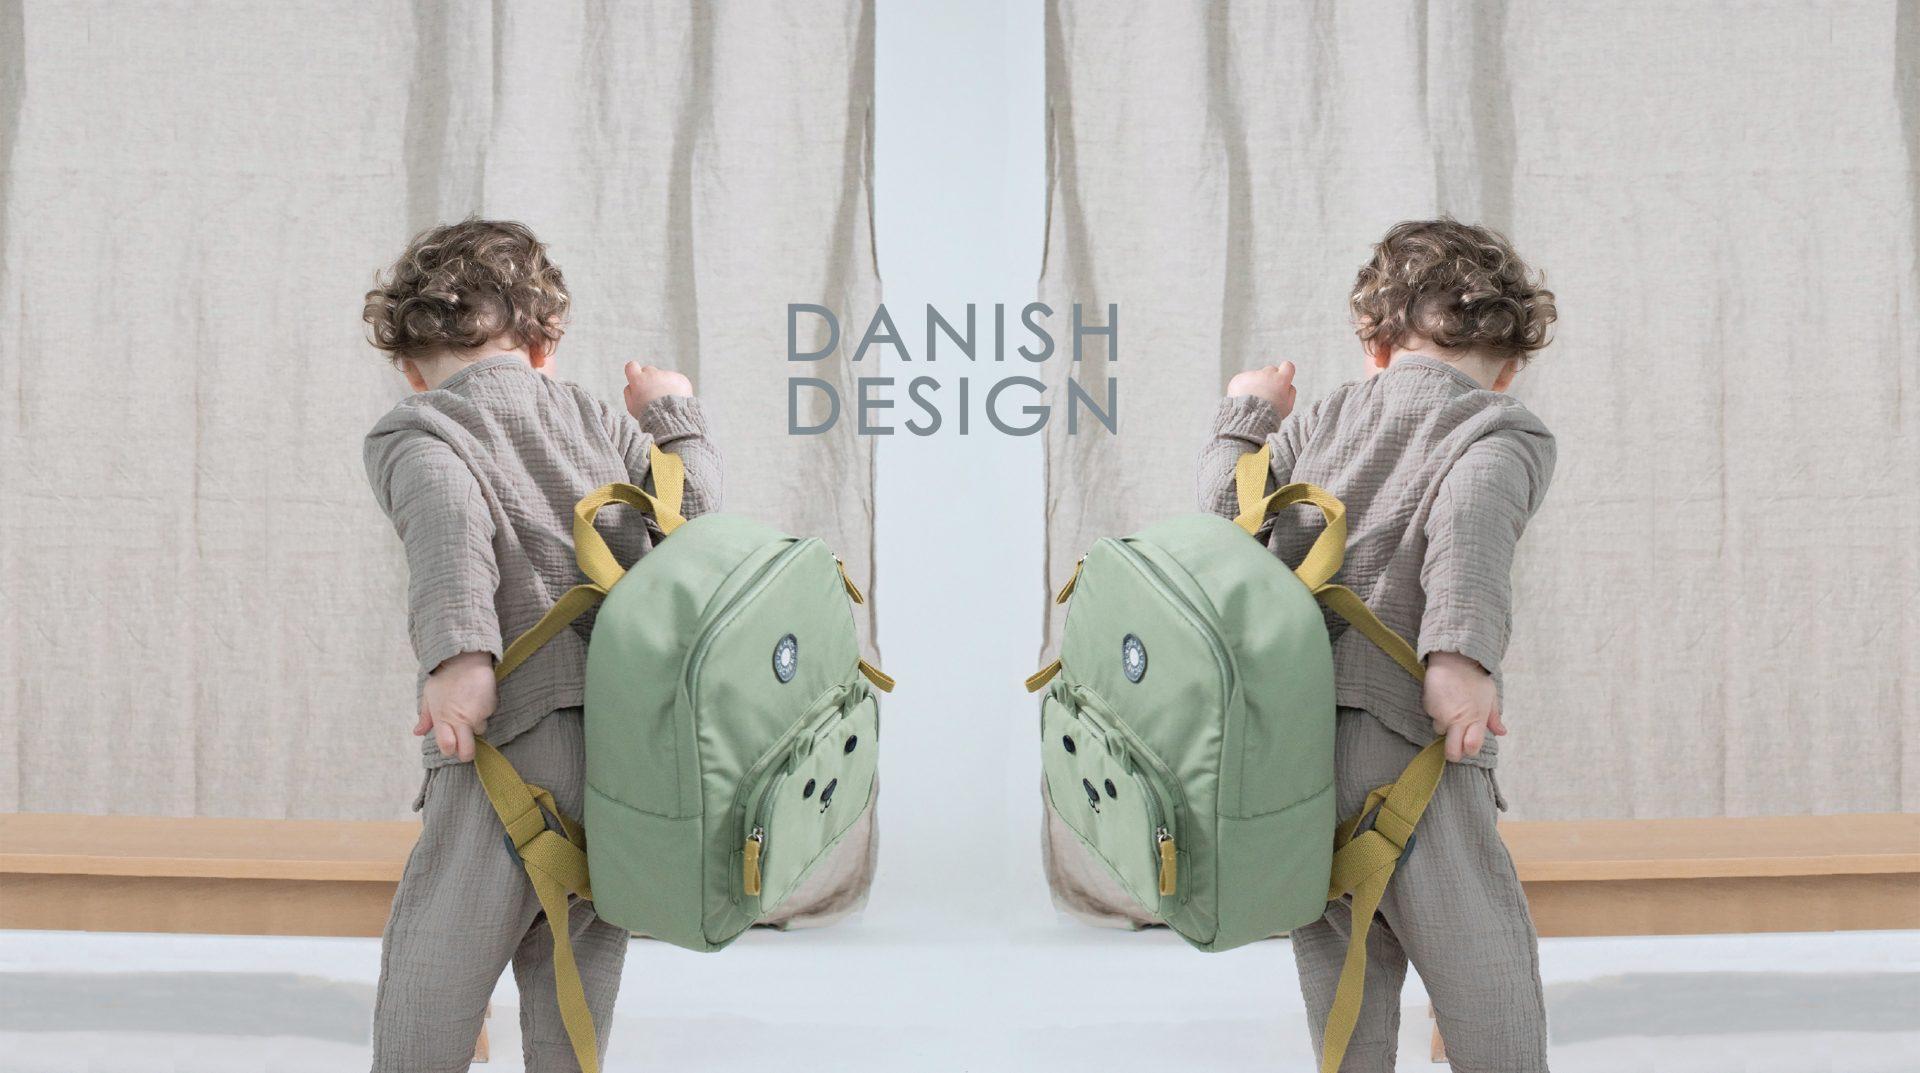 1 DANISH DESIGN